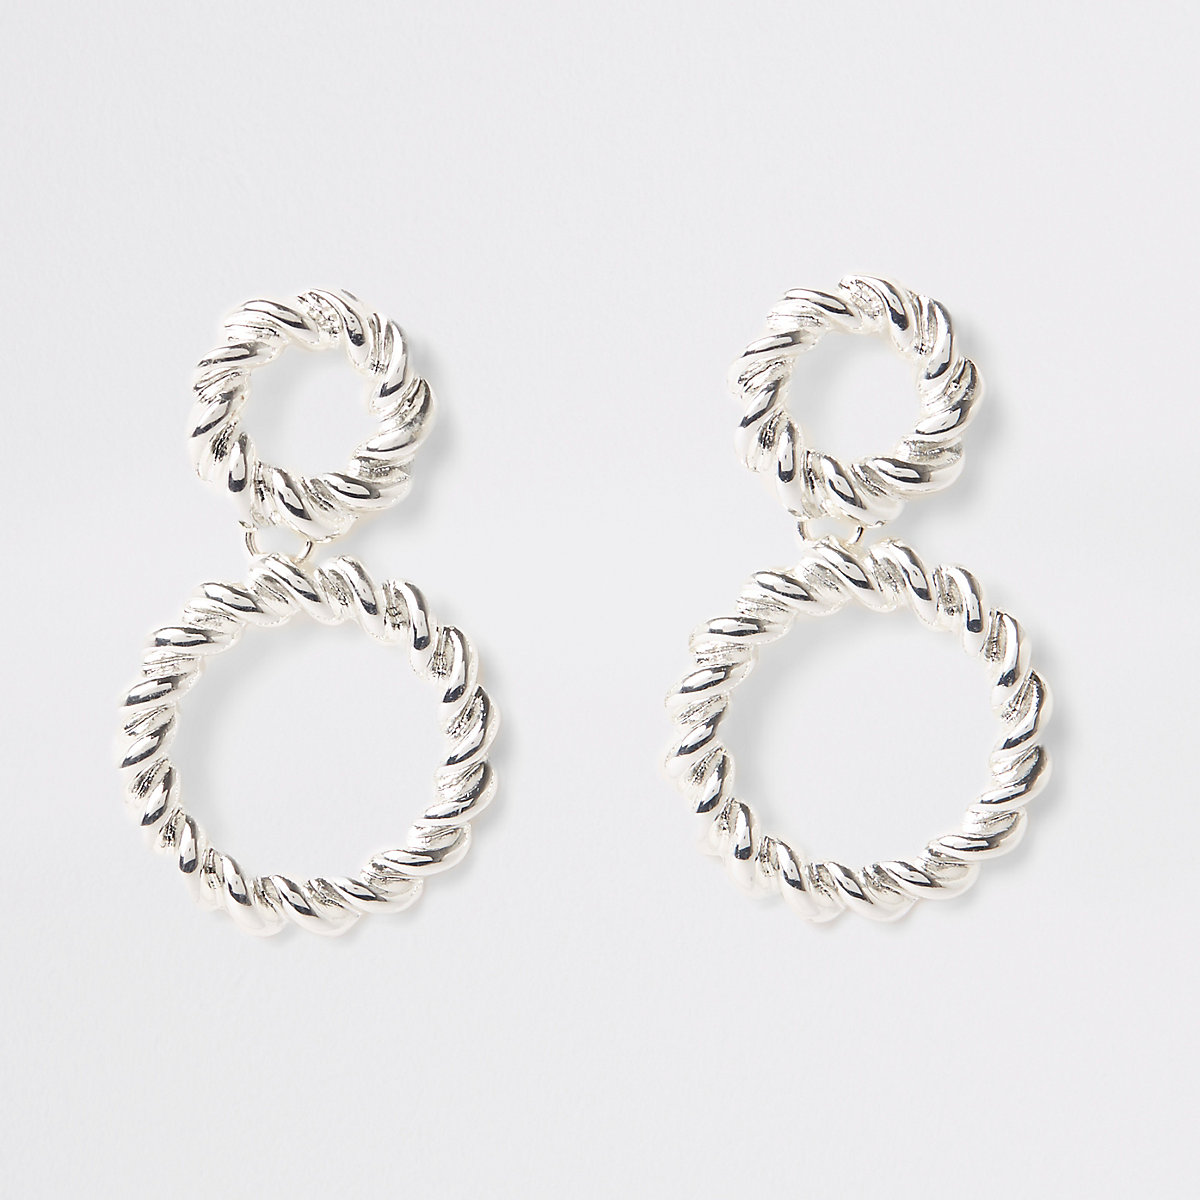 Silver color twist hoop drop earrings